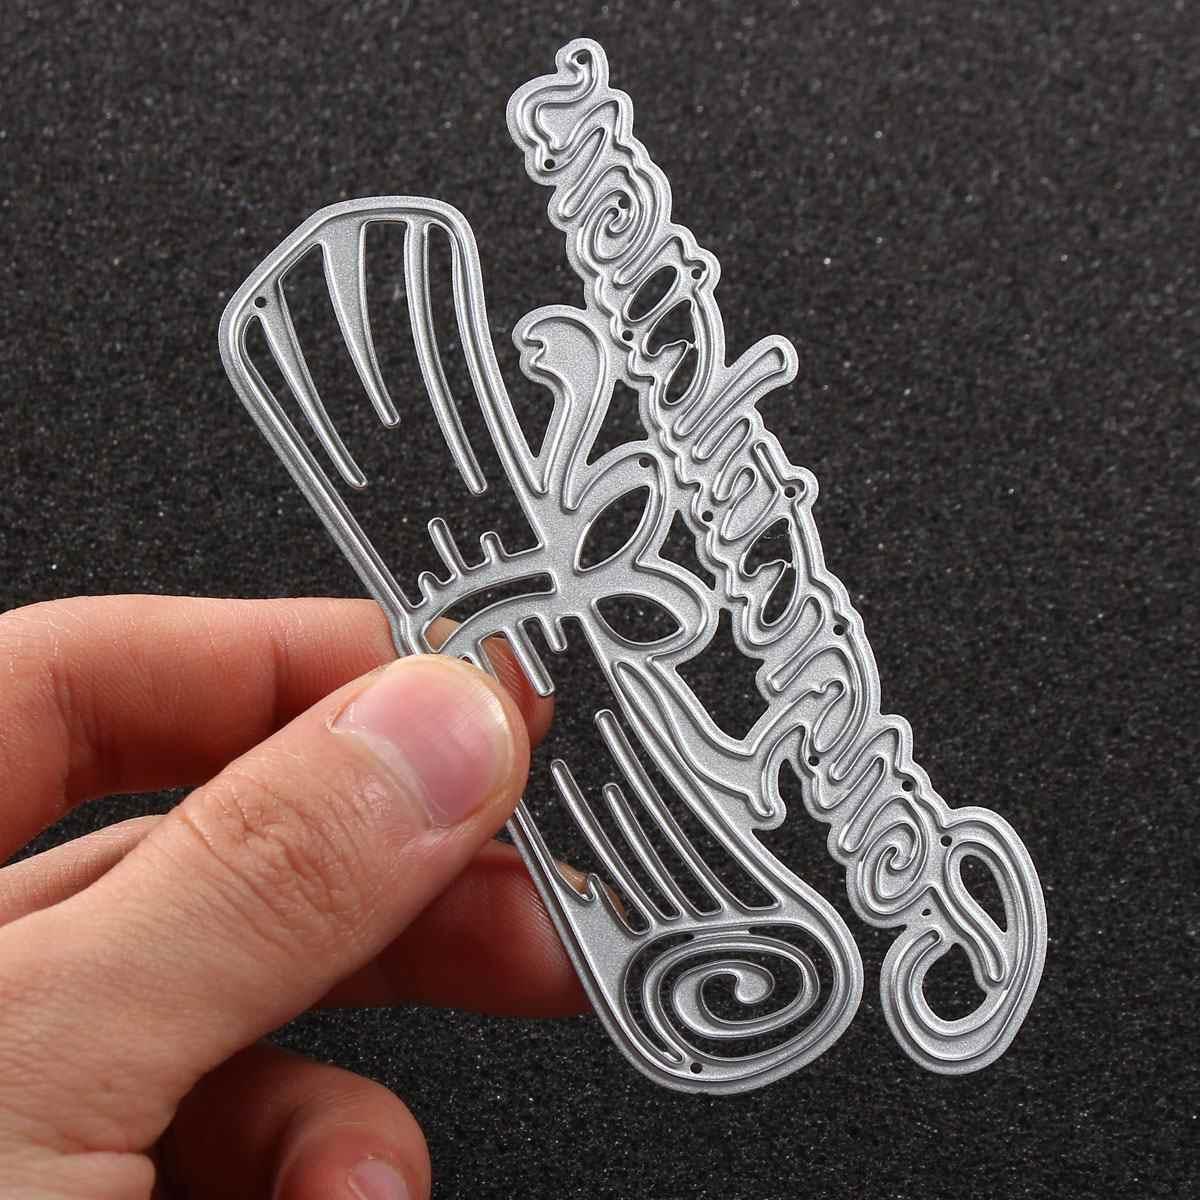 1 pcs Congratulazioni Lettera A Tema Scrapbooking FAI DA TE Album Carta Diario di Carta Del Mestiere Maker Metallo di Fustelle